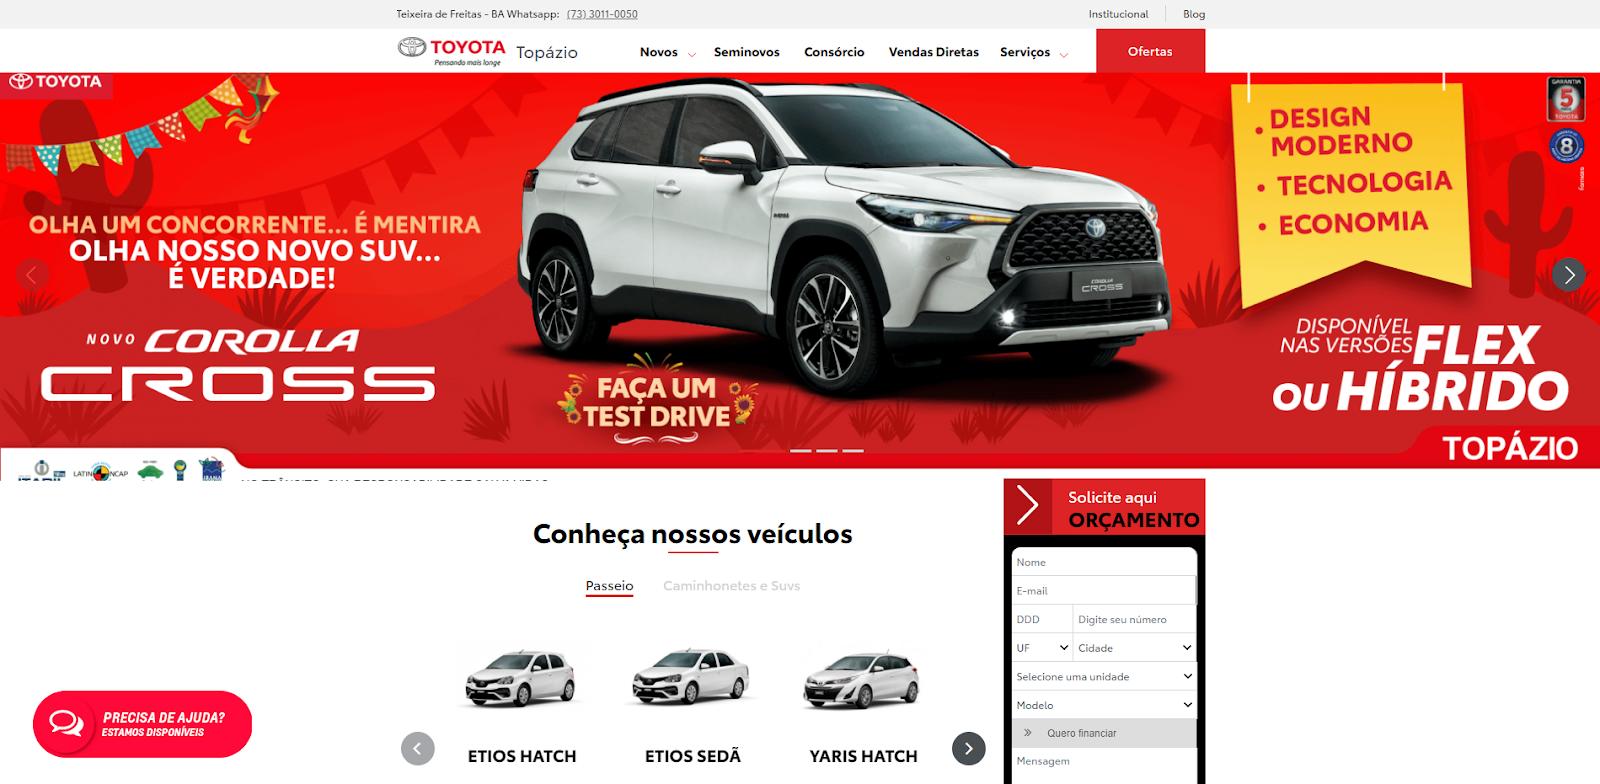 Novo site da Topázio